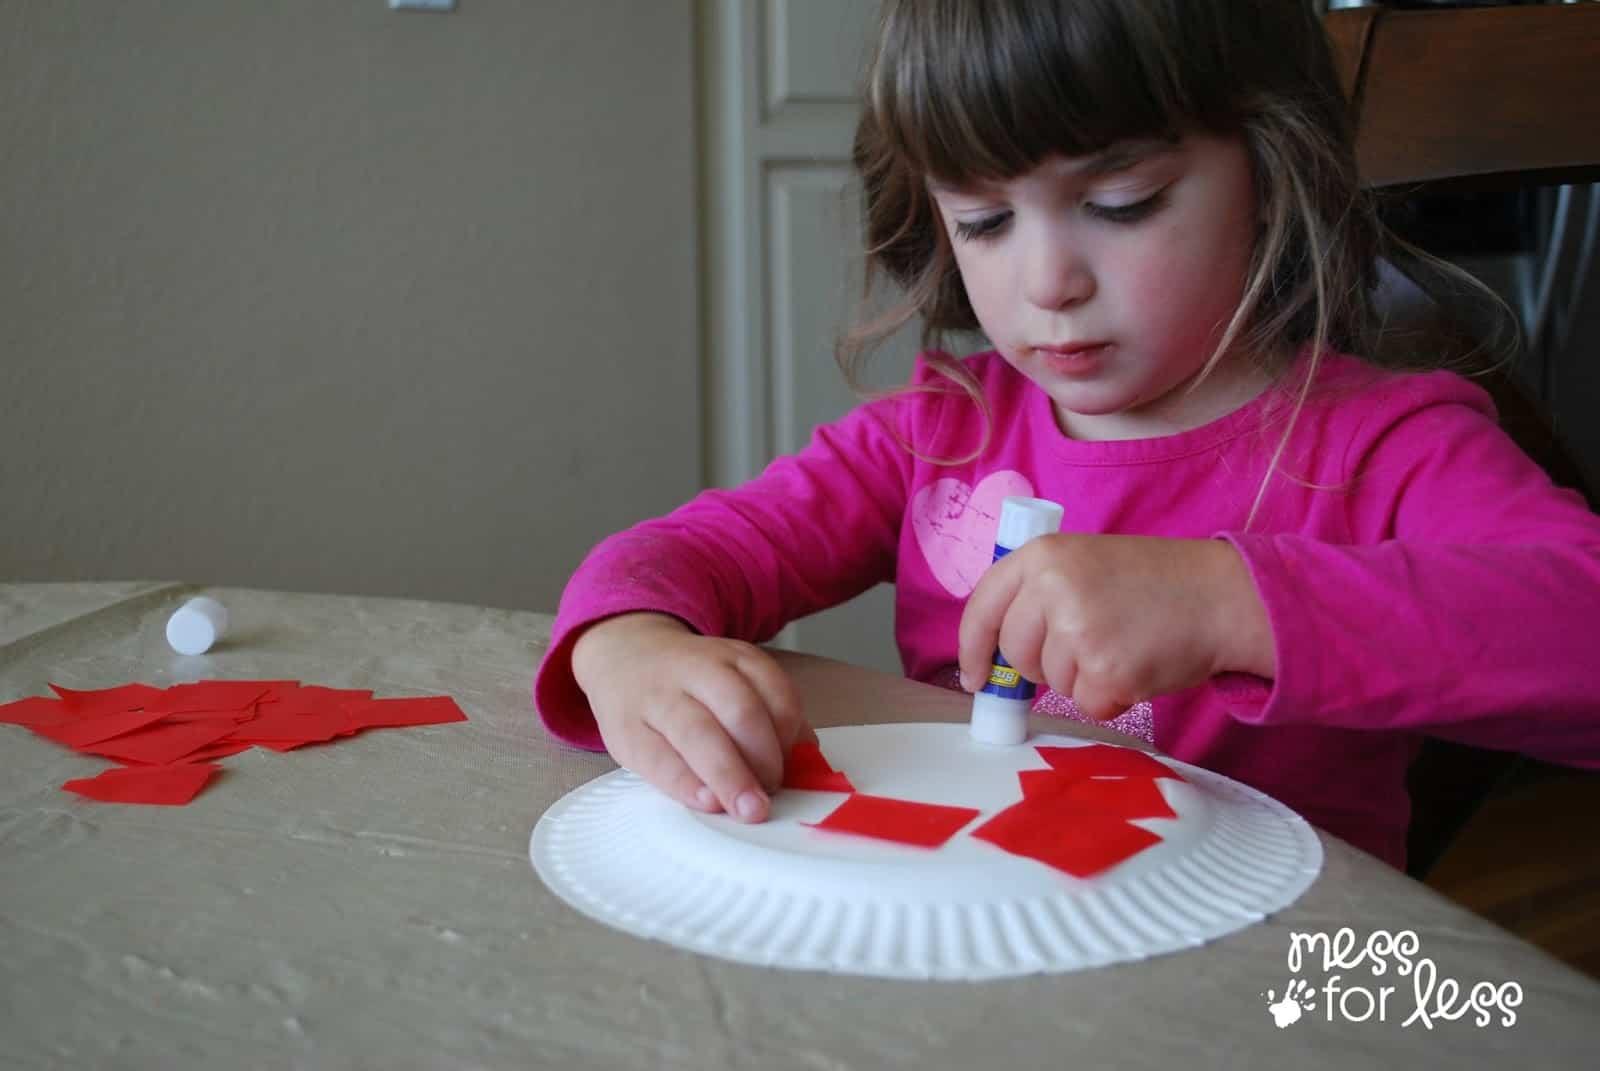 child making ladybug